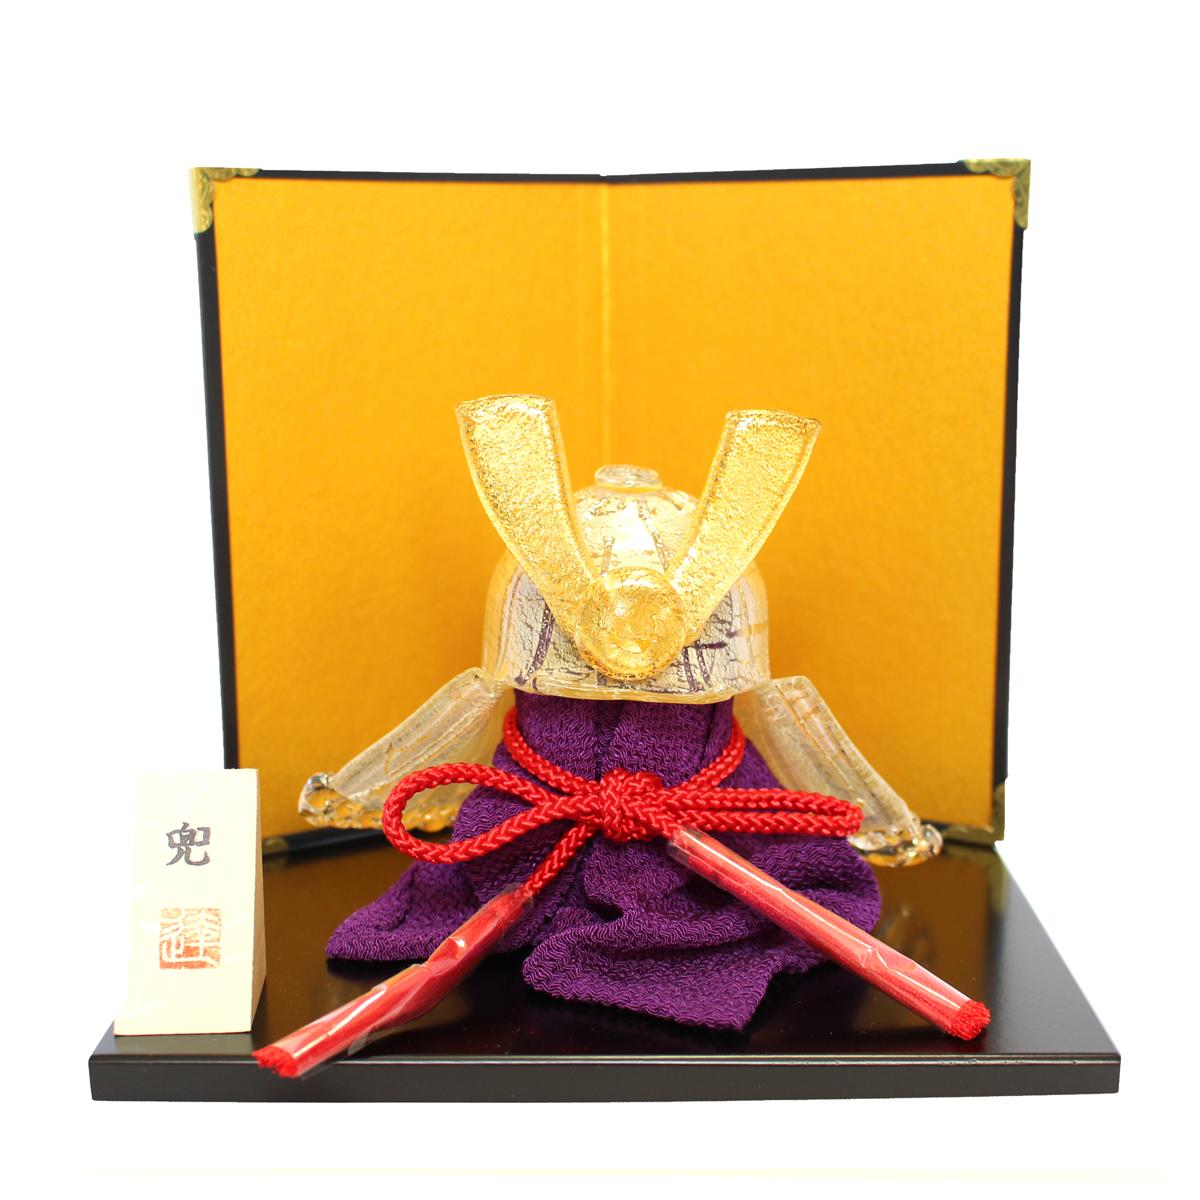 【五月人形】おしゃれでモダン!インテリアに飾りたい!大人におすすめは?